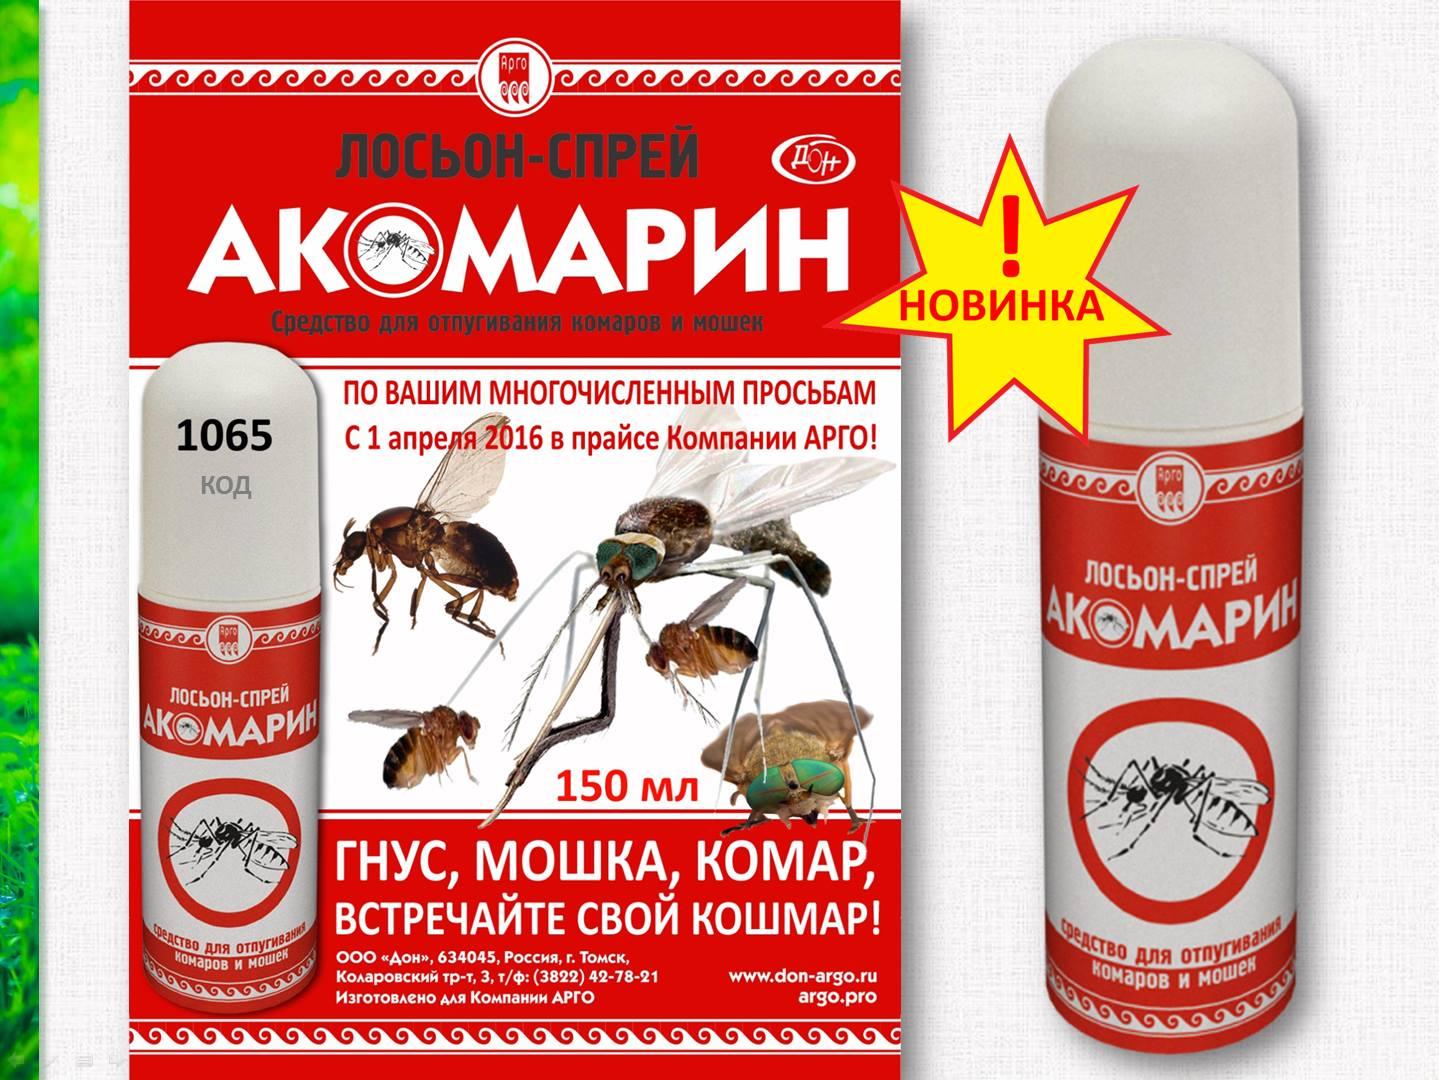 Косметическое защитное средство от комаров и мошкары